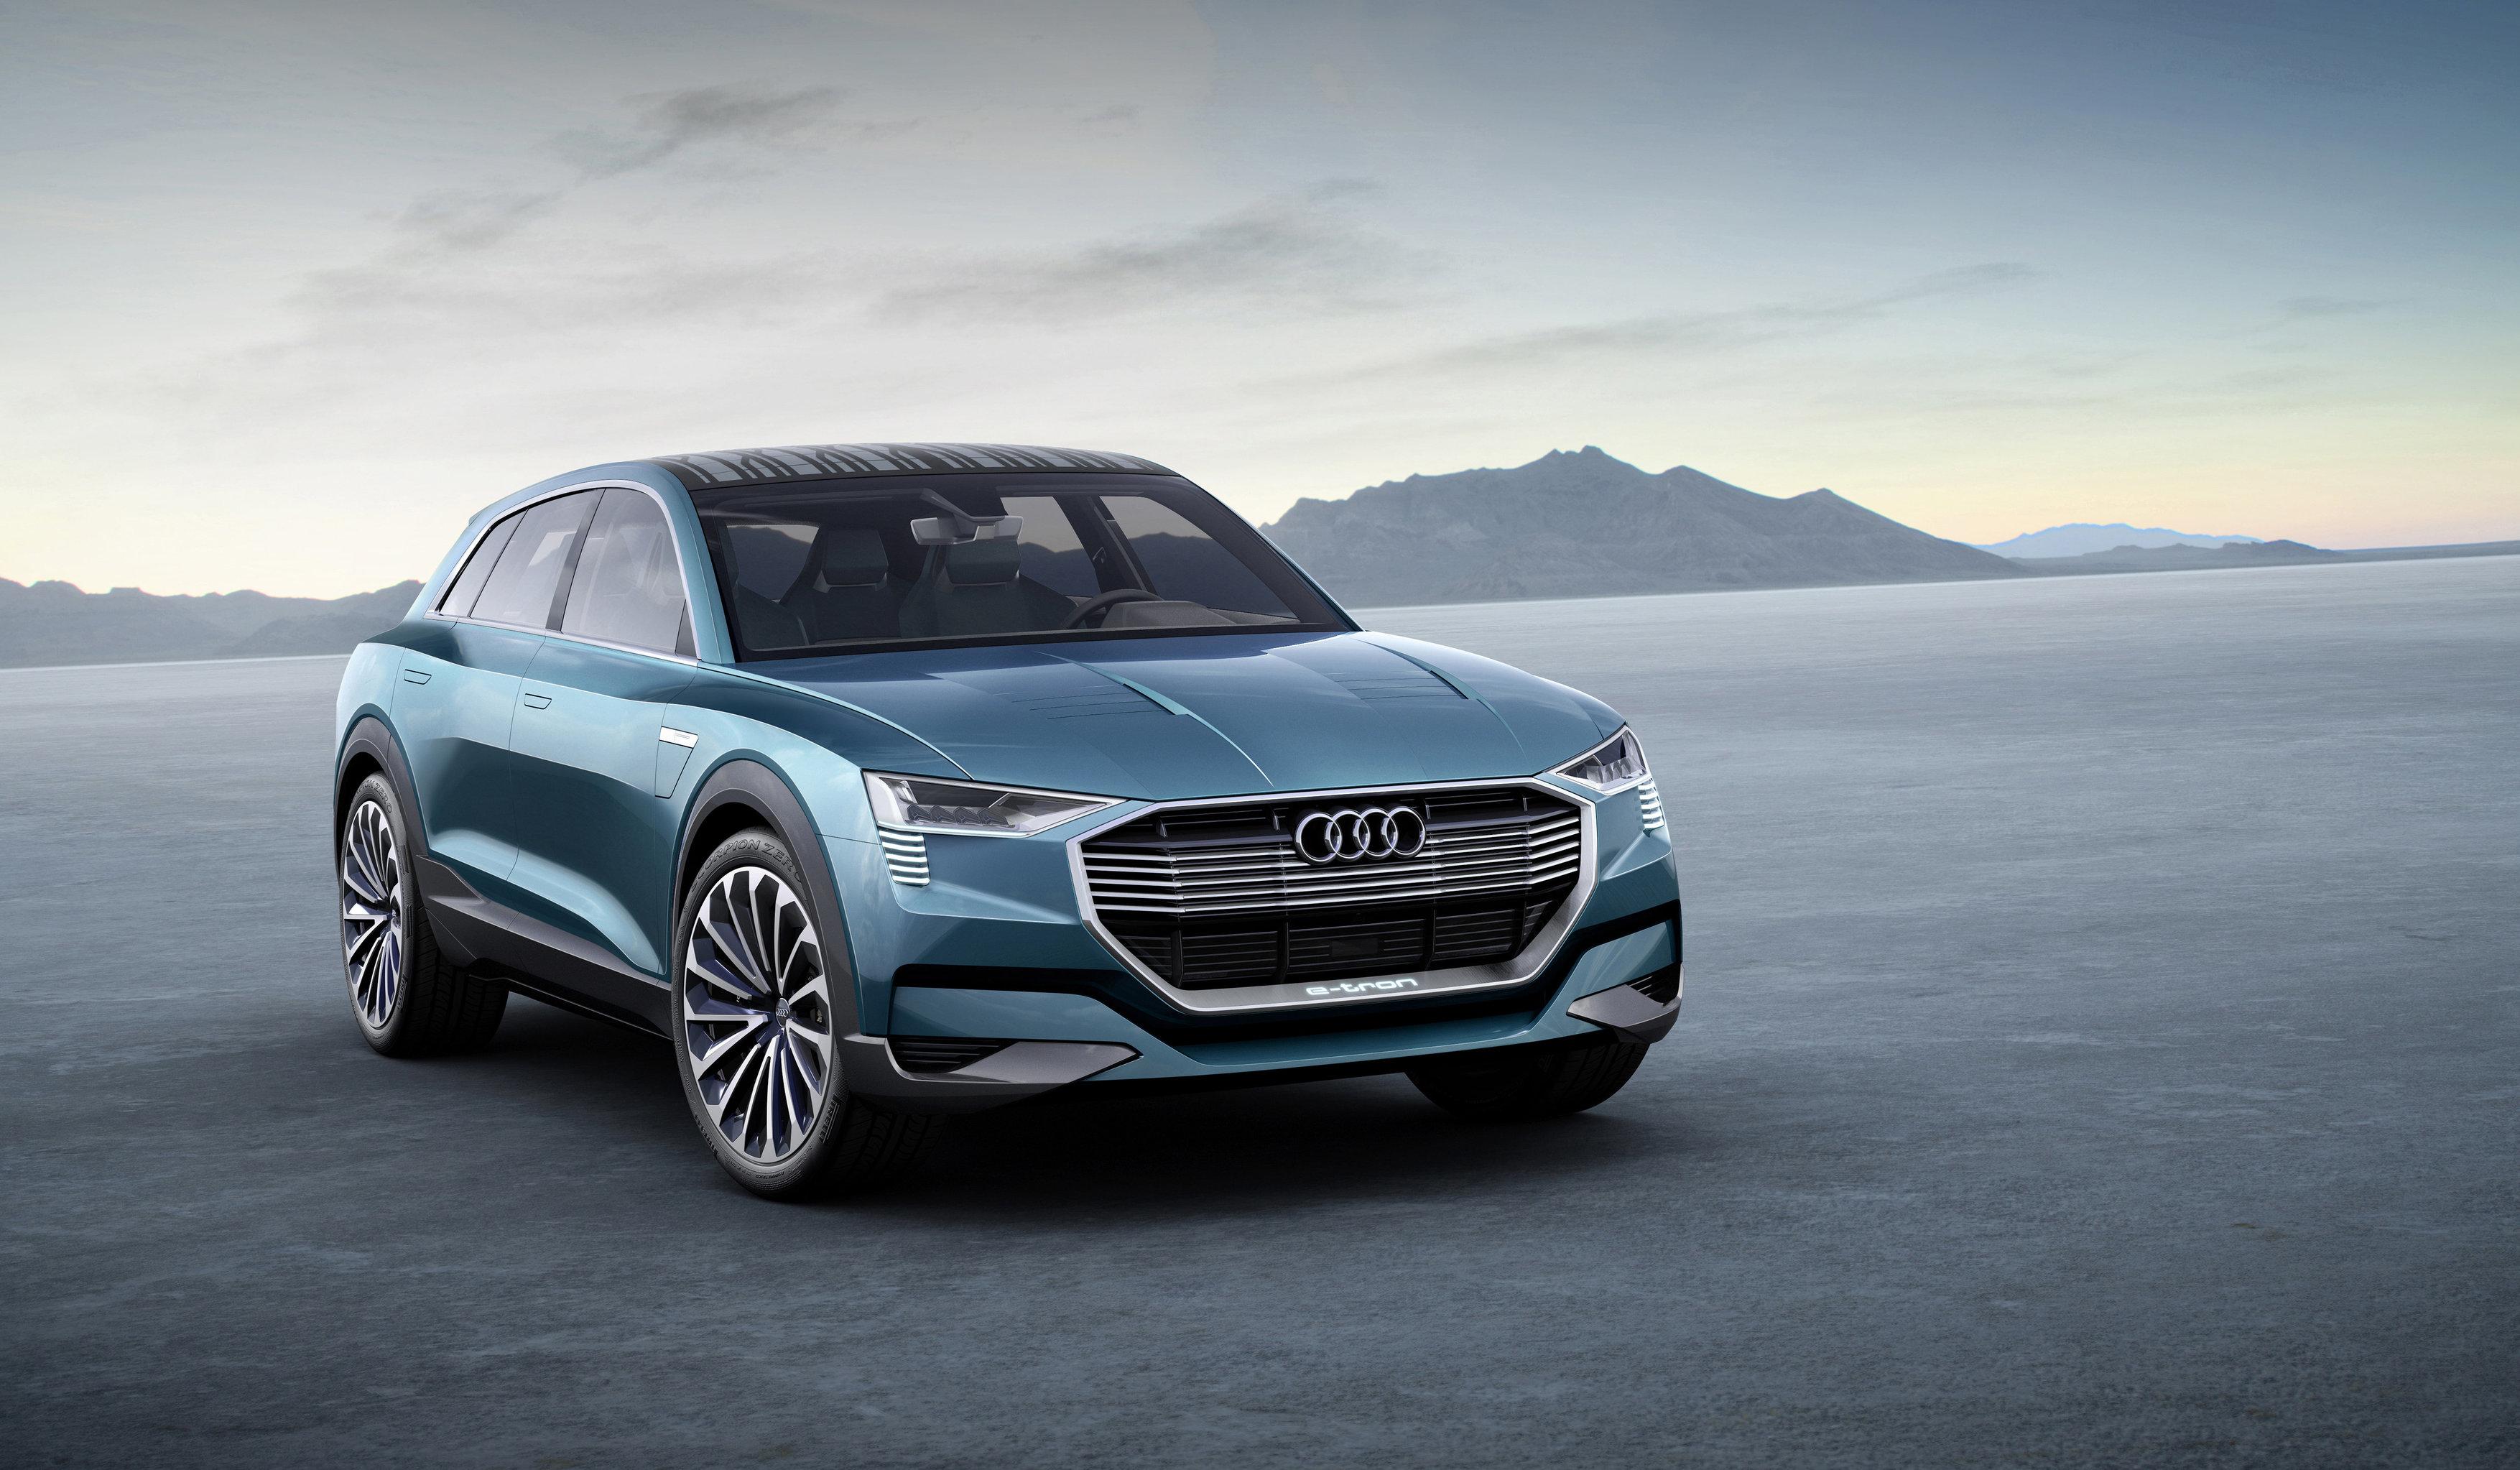 Audi Wil Gaten In De Weg Gebruiken Om Auto S Energie Op Te Laten Wekken